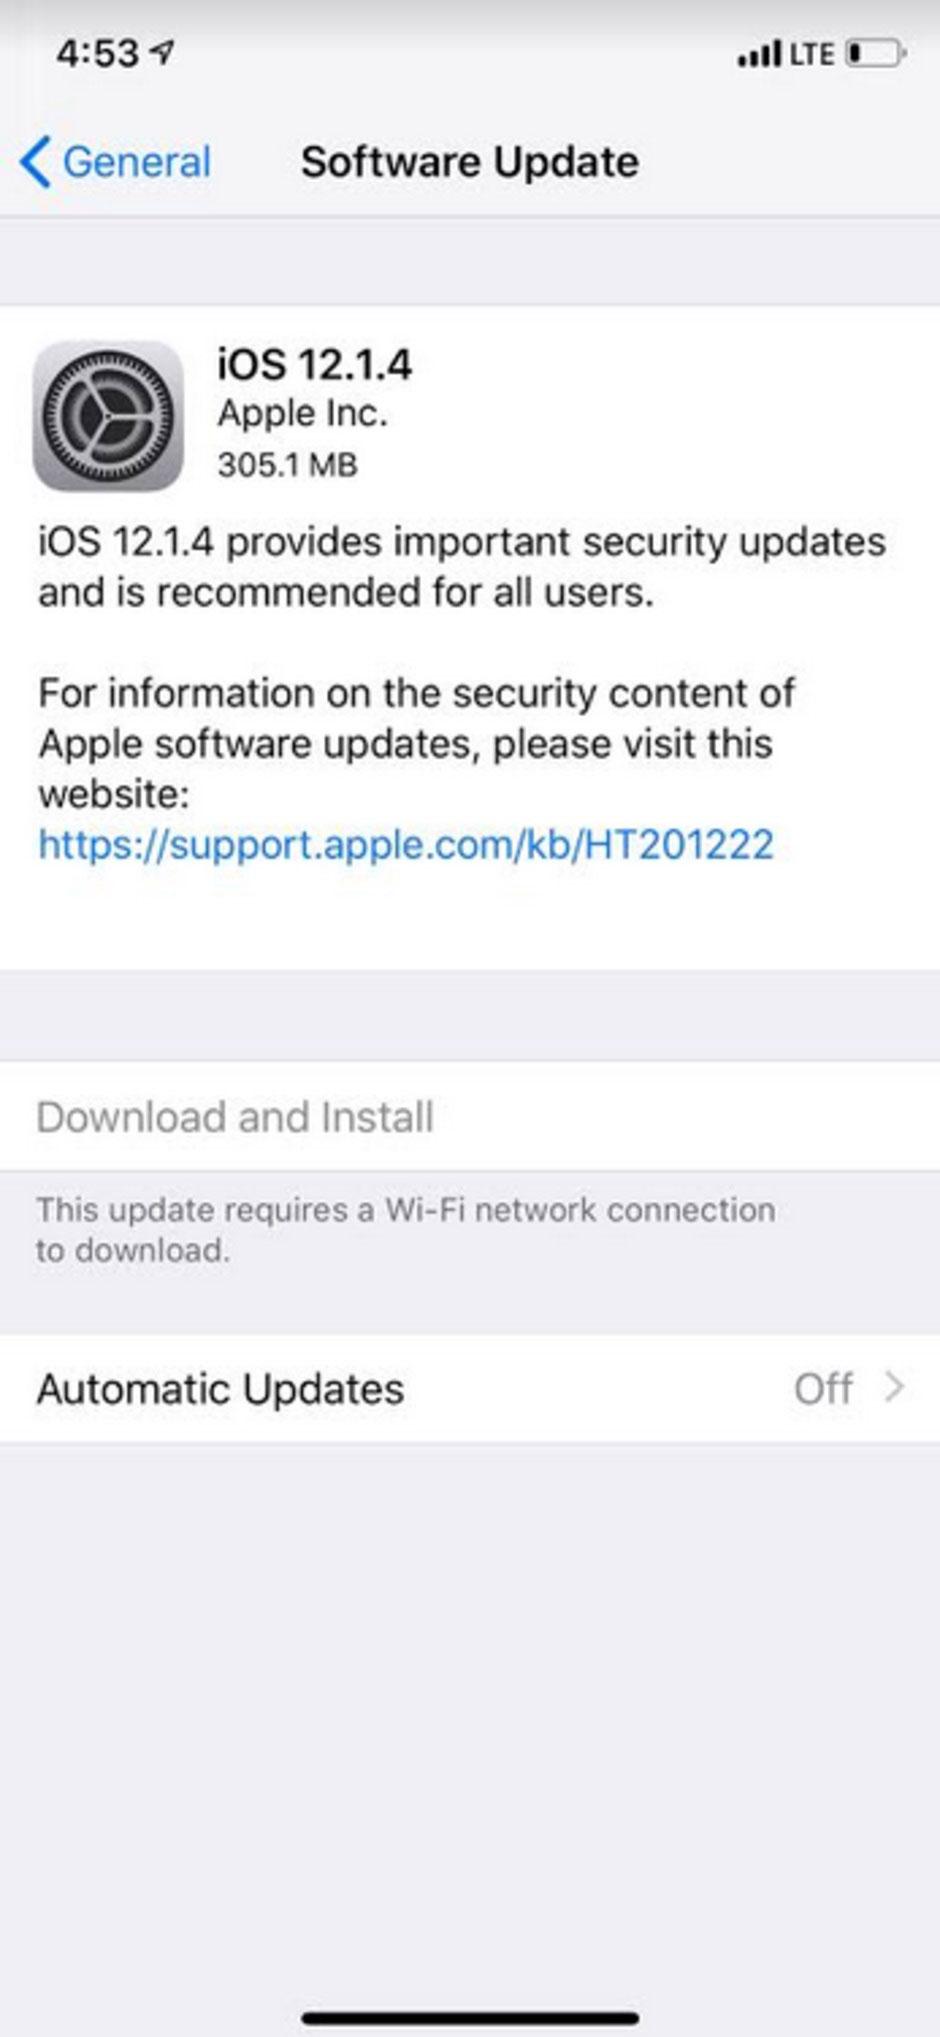 آپدیت iOS 12.1.4